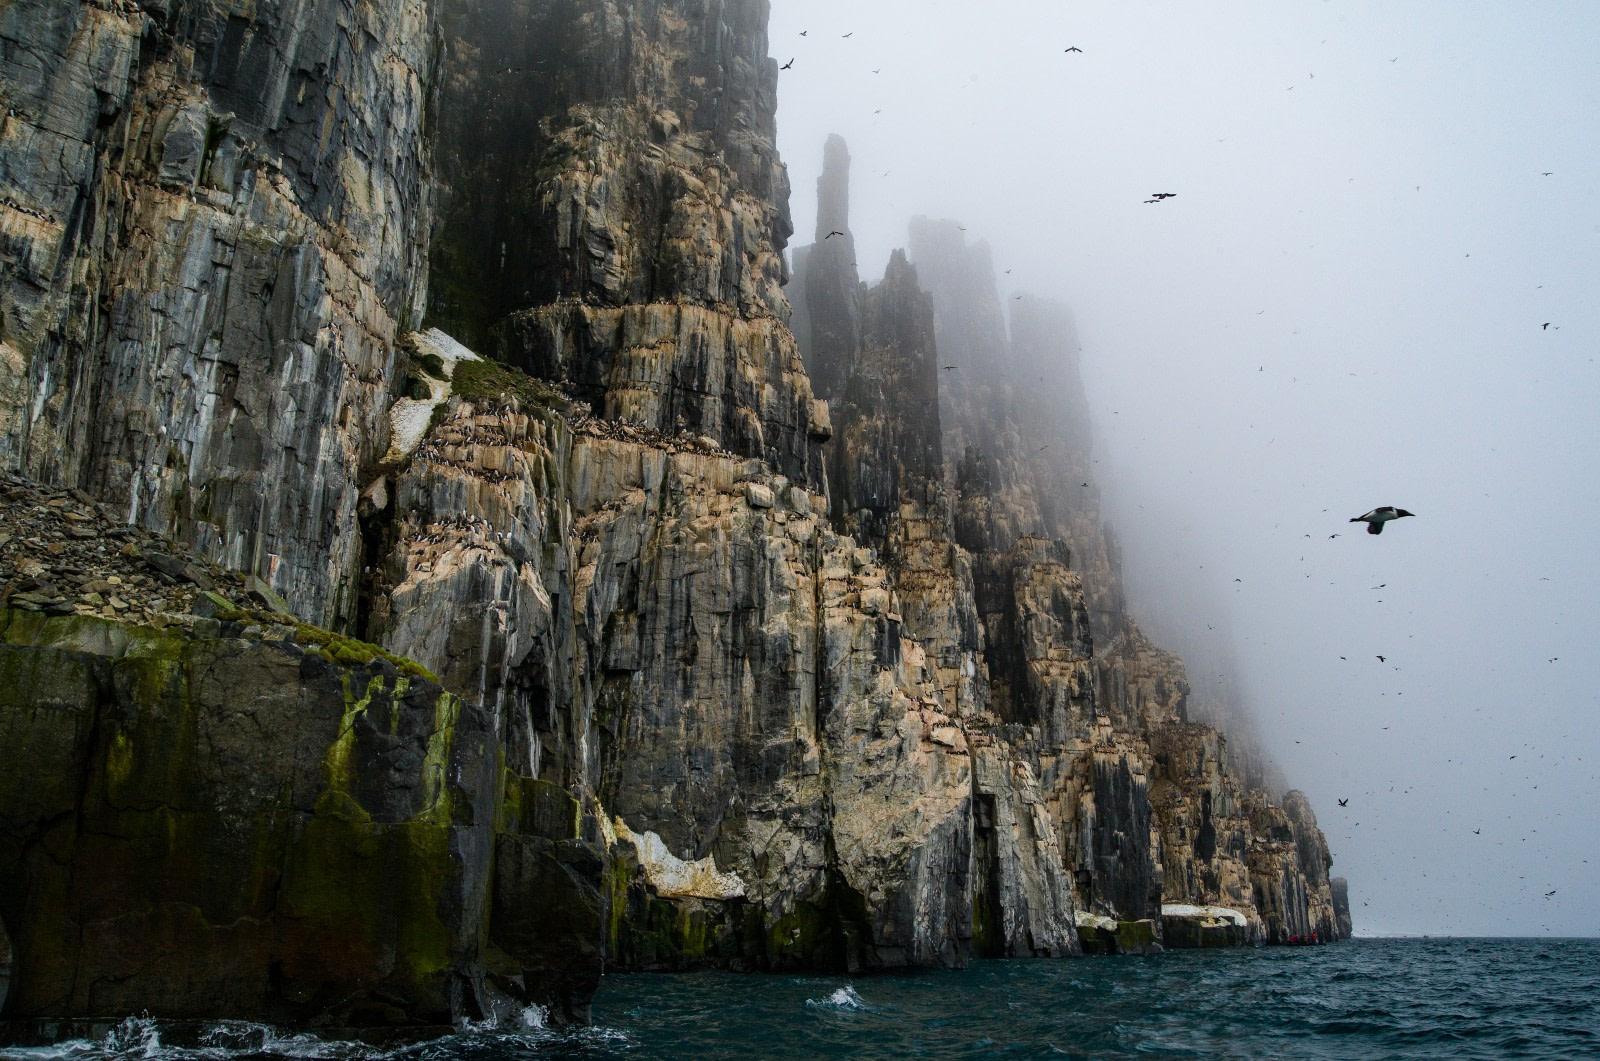 The Bird Cliffs of Alkefjellet